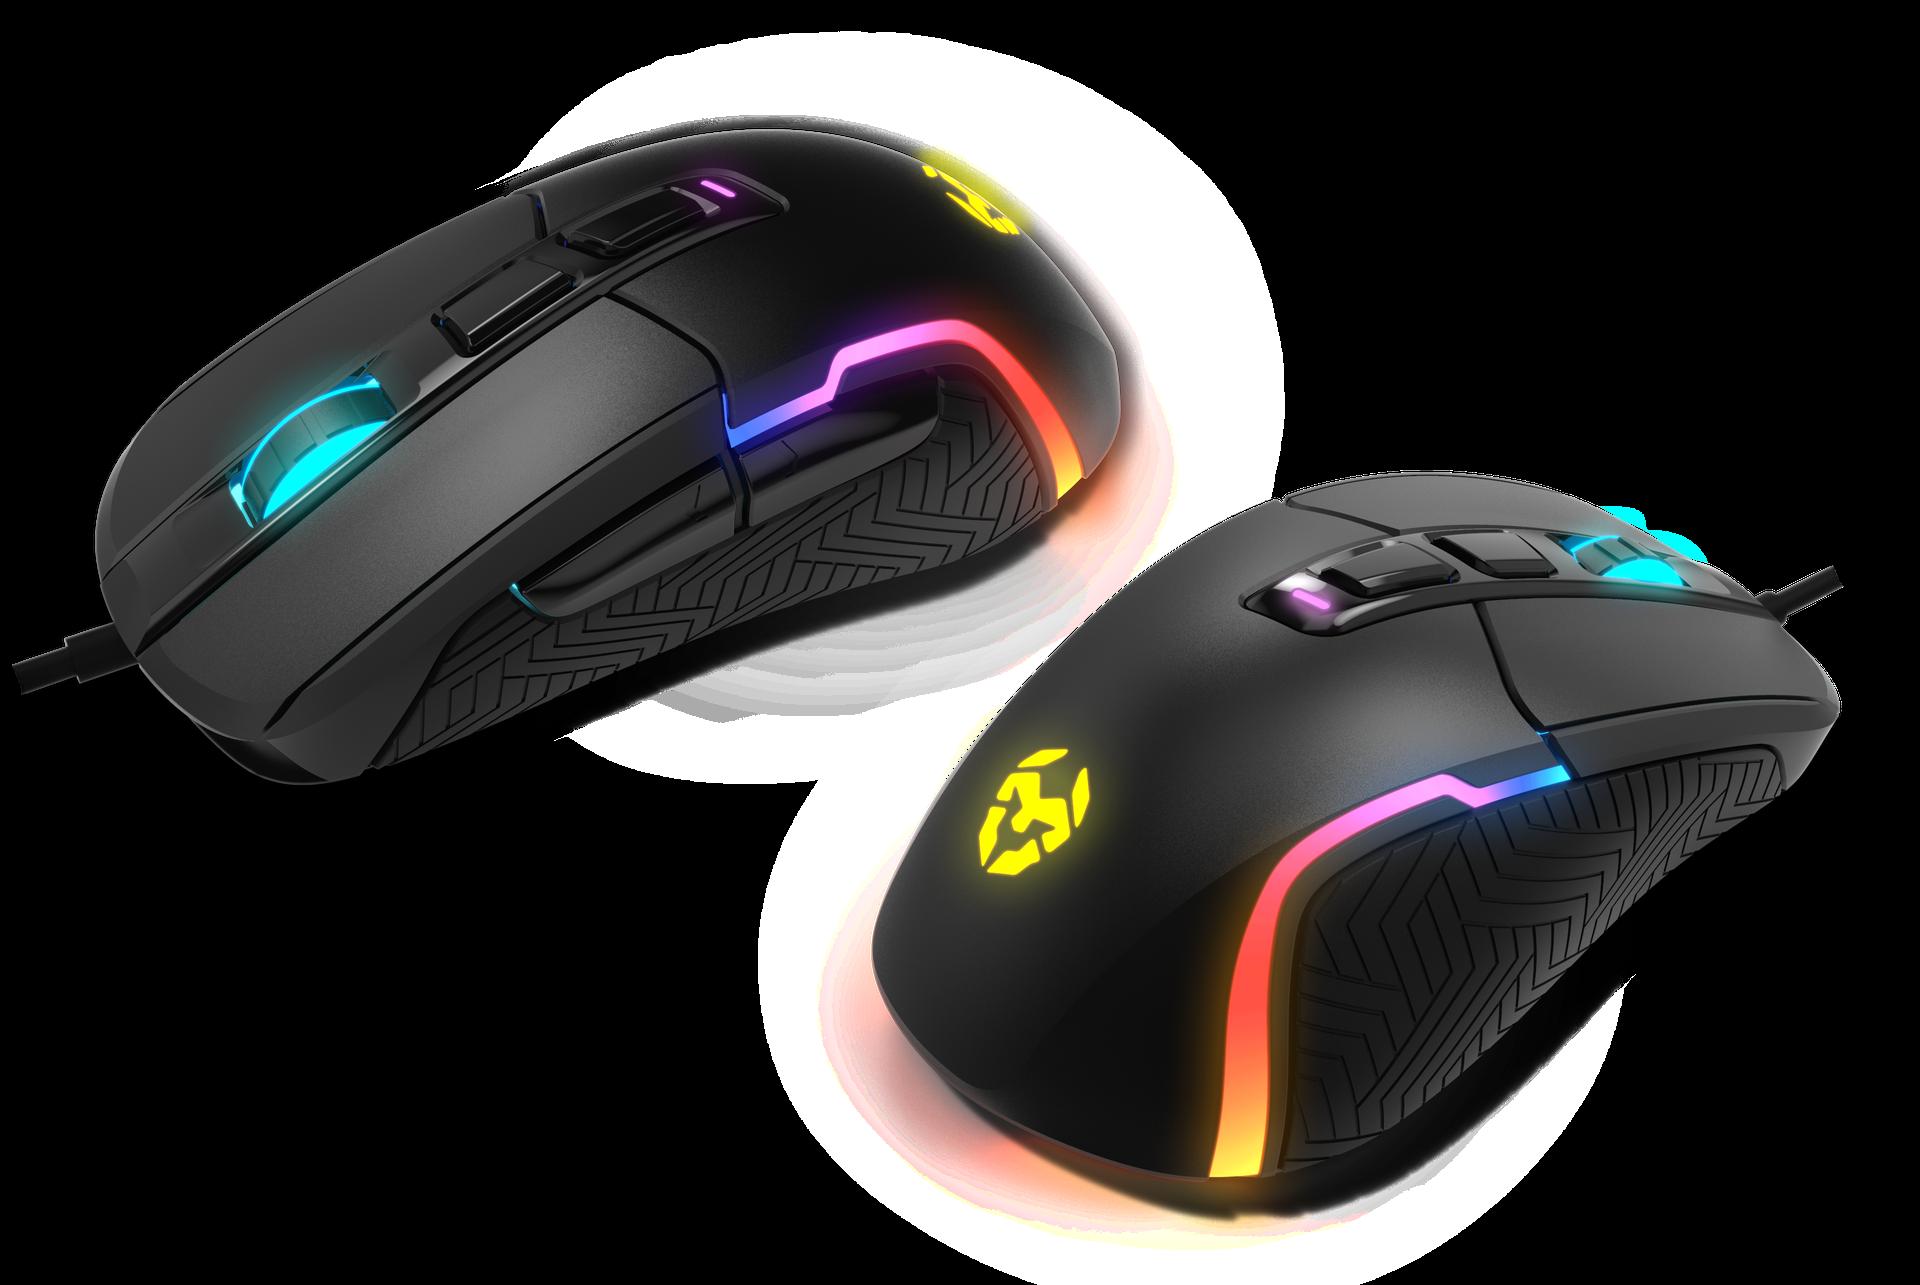 Krom amplía su gran catálogo con dos ratones gamers RGB:  Kick y Kalax